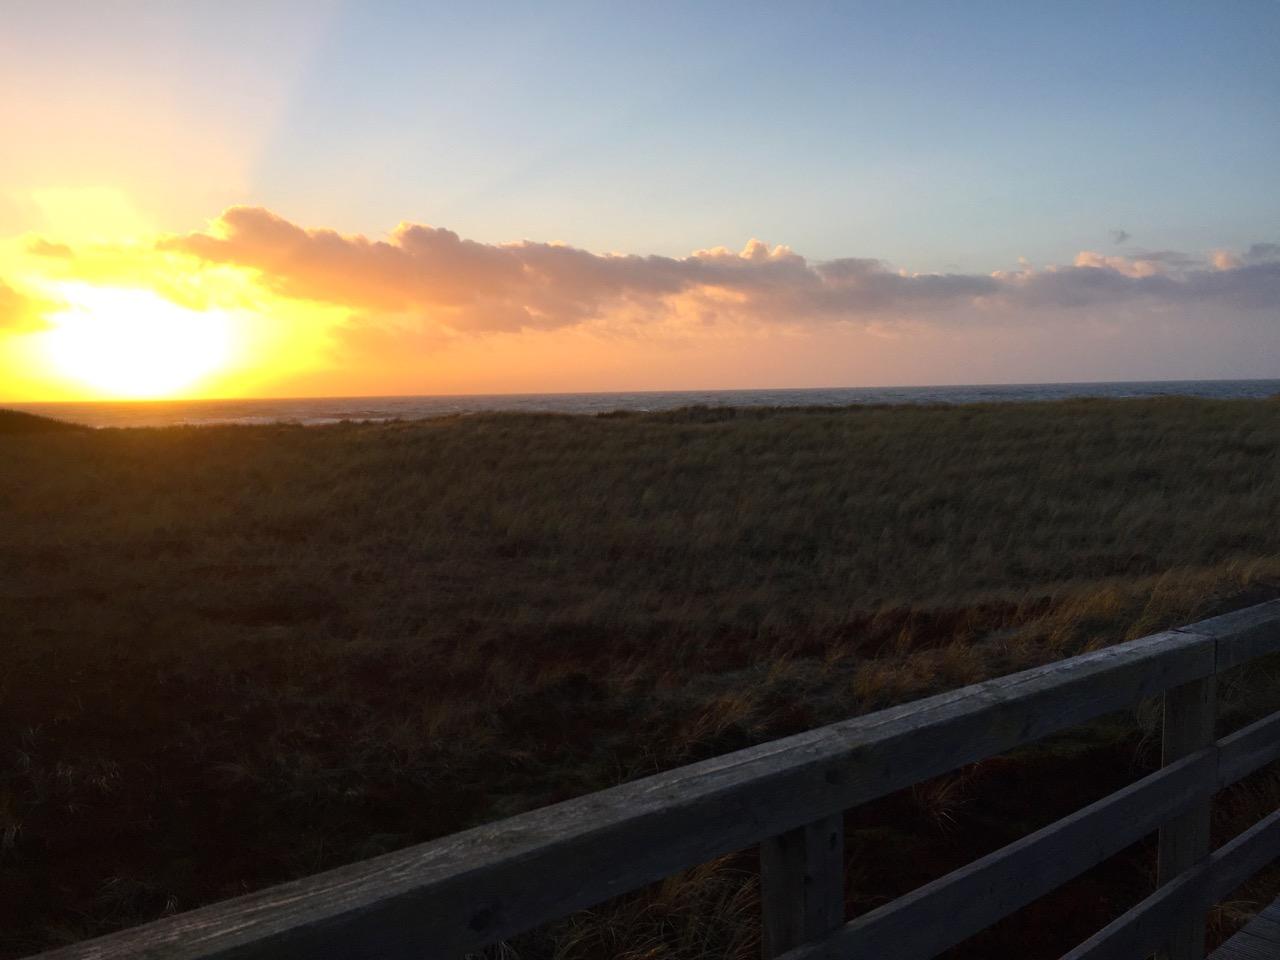 Die Sonnen geht unter am roten Kliff Sylt